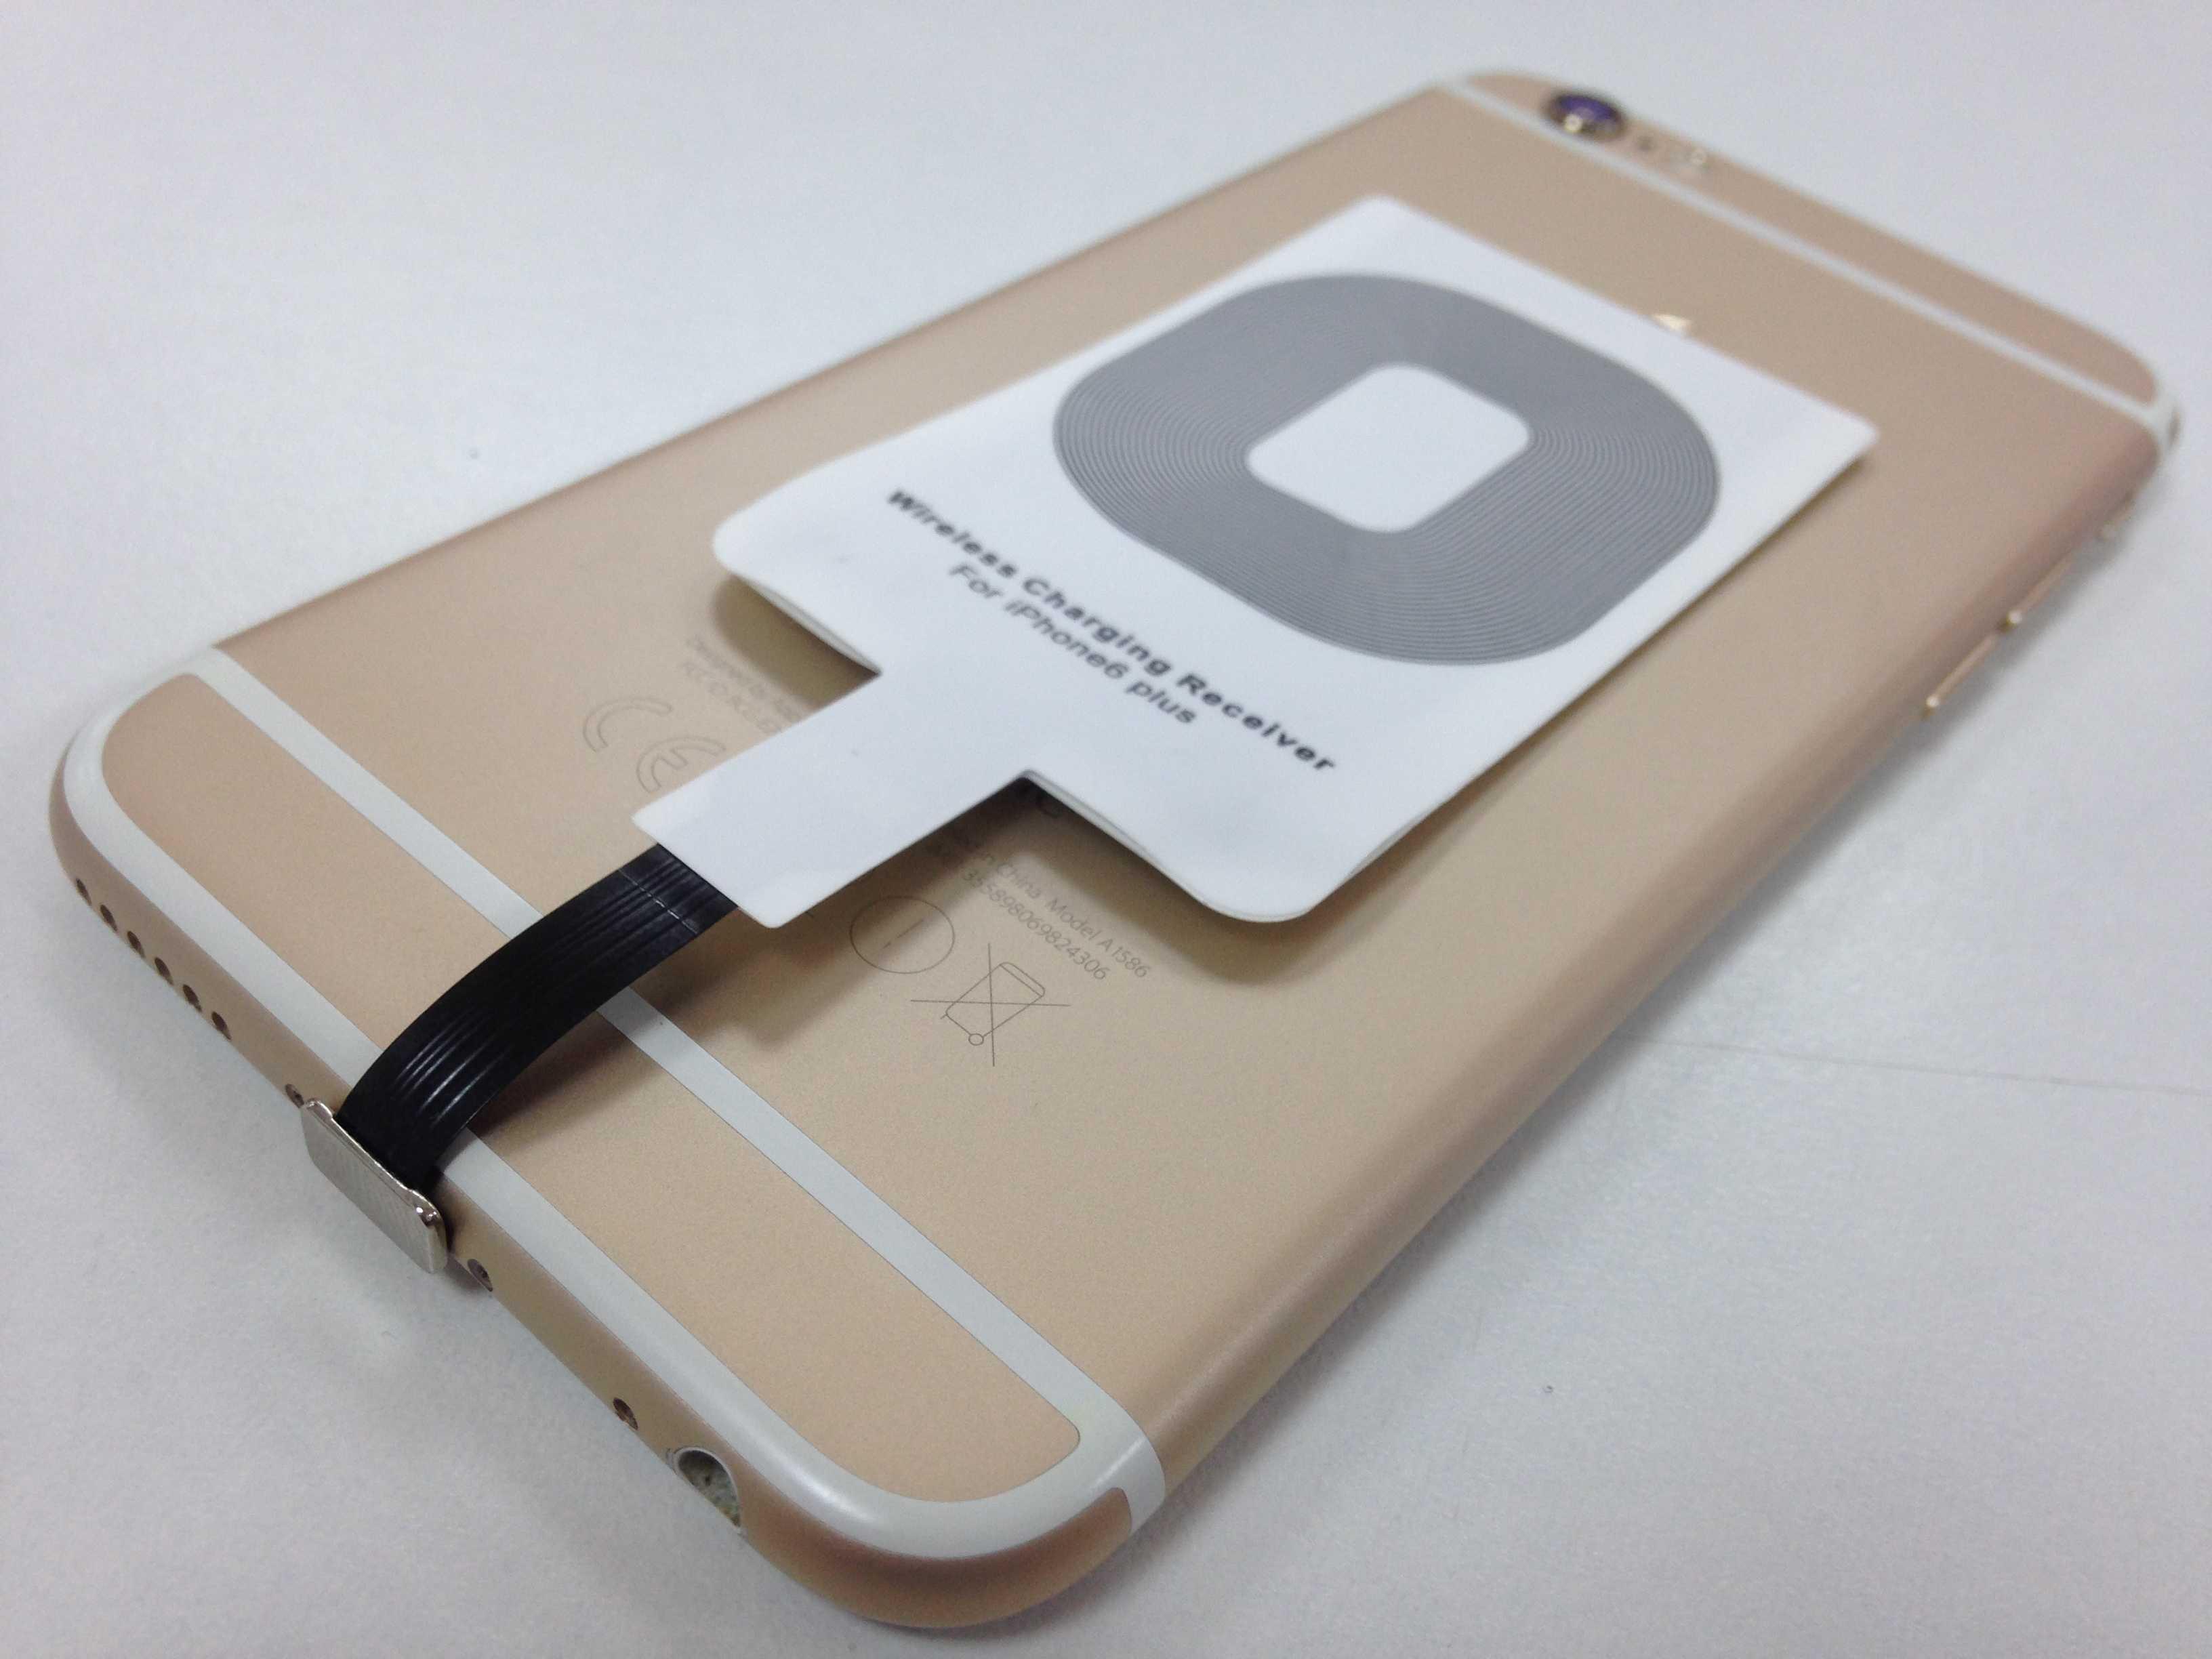 Какие iphone поддерживают беспроводную зарядку, как называется, можно ли